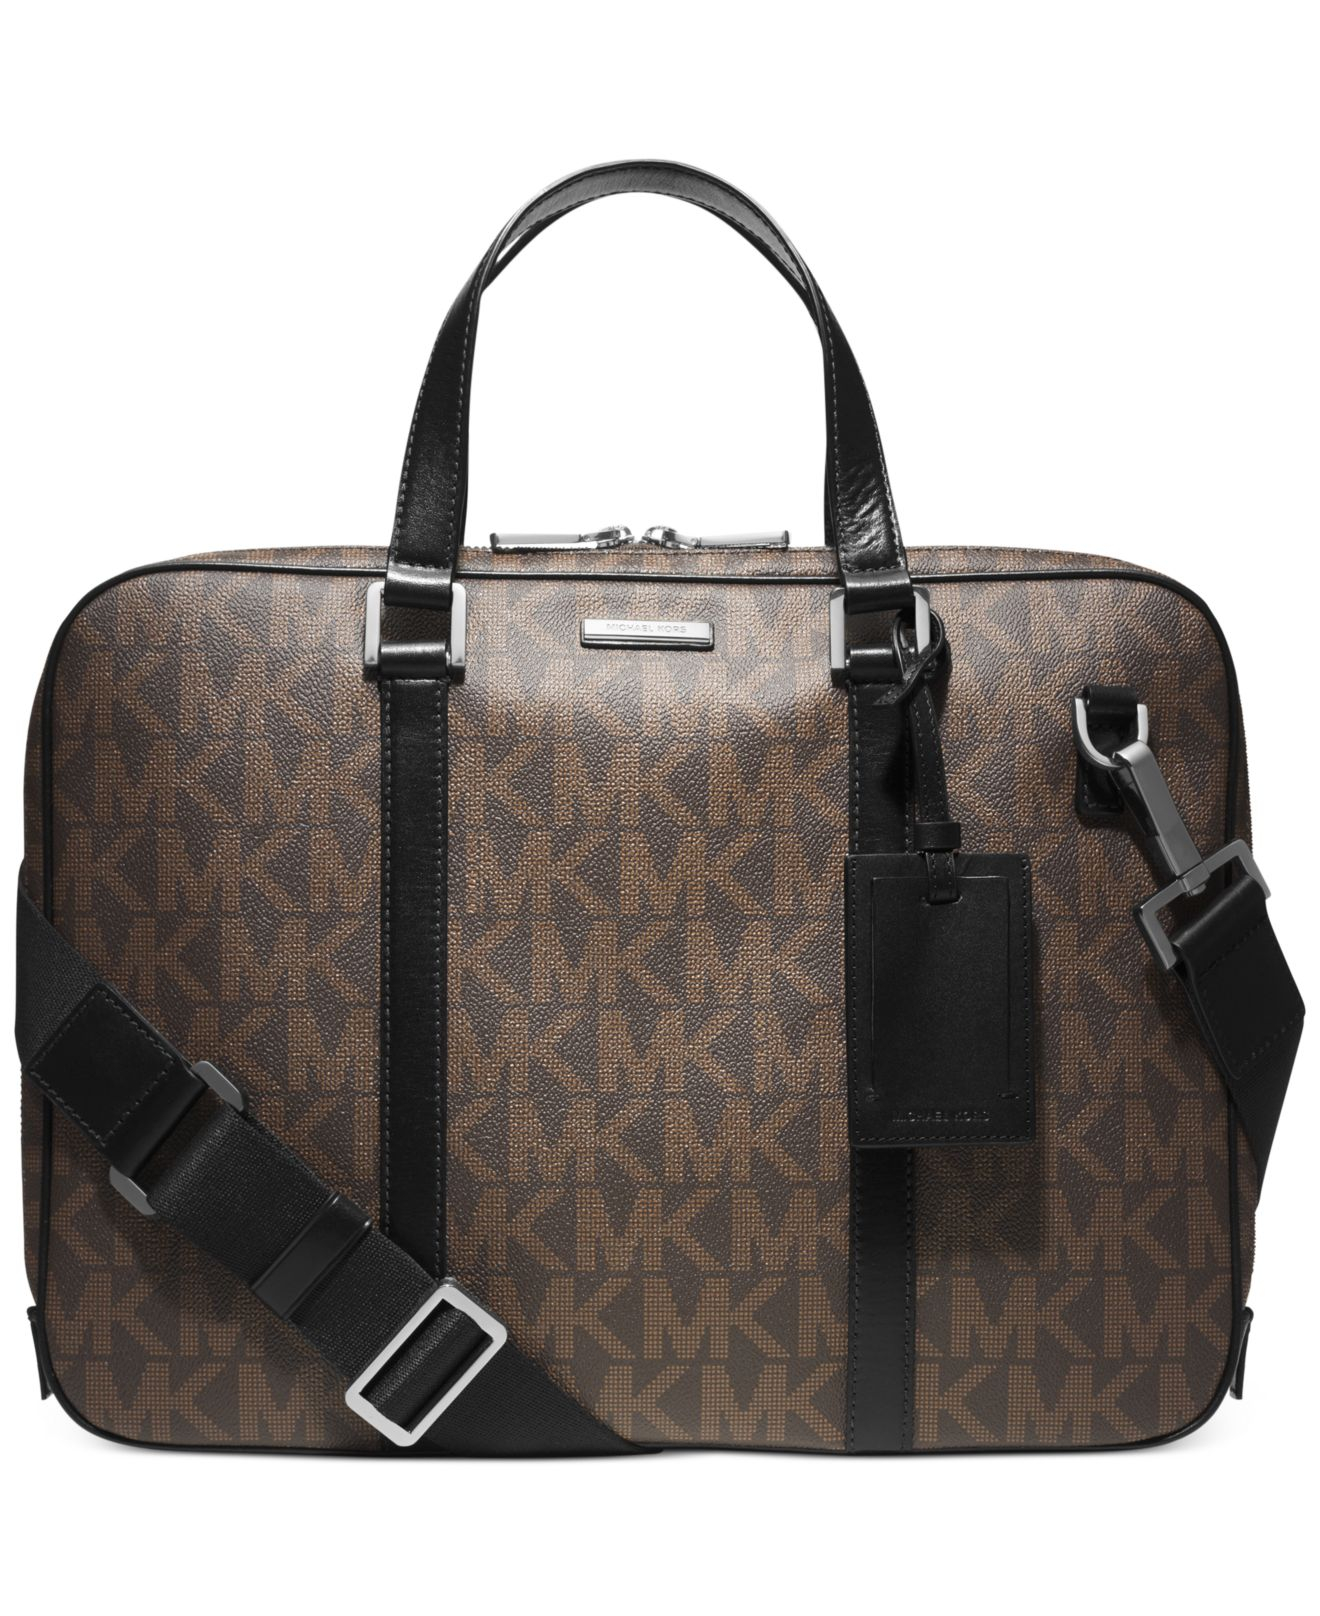 e0bcfea6c23e Lyst - Michael Kors Jet Set Slim Briefcase in Brown for Men